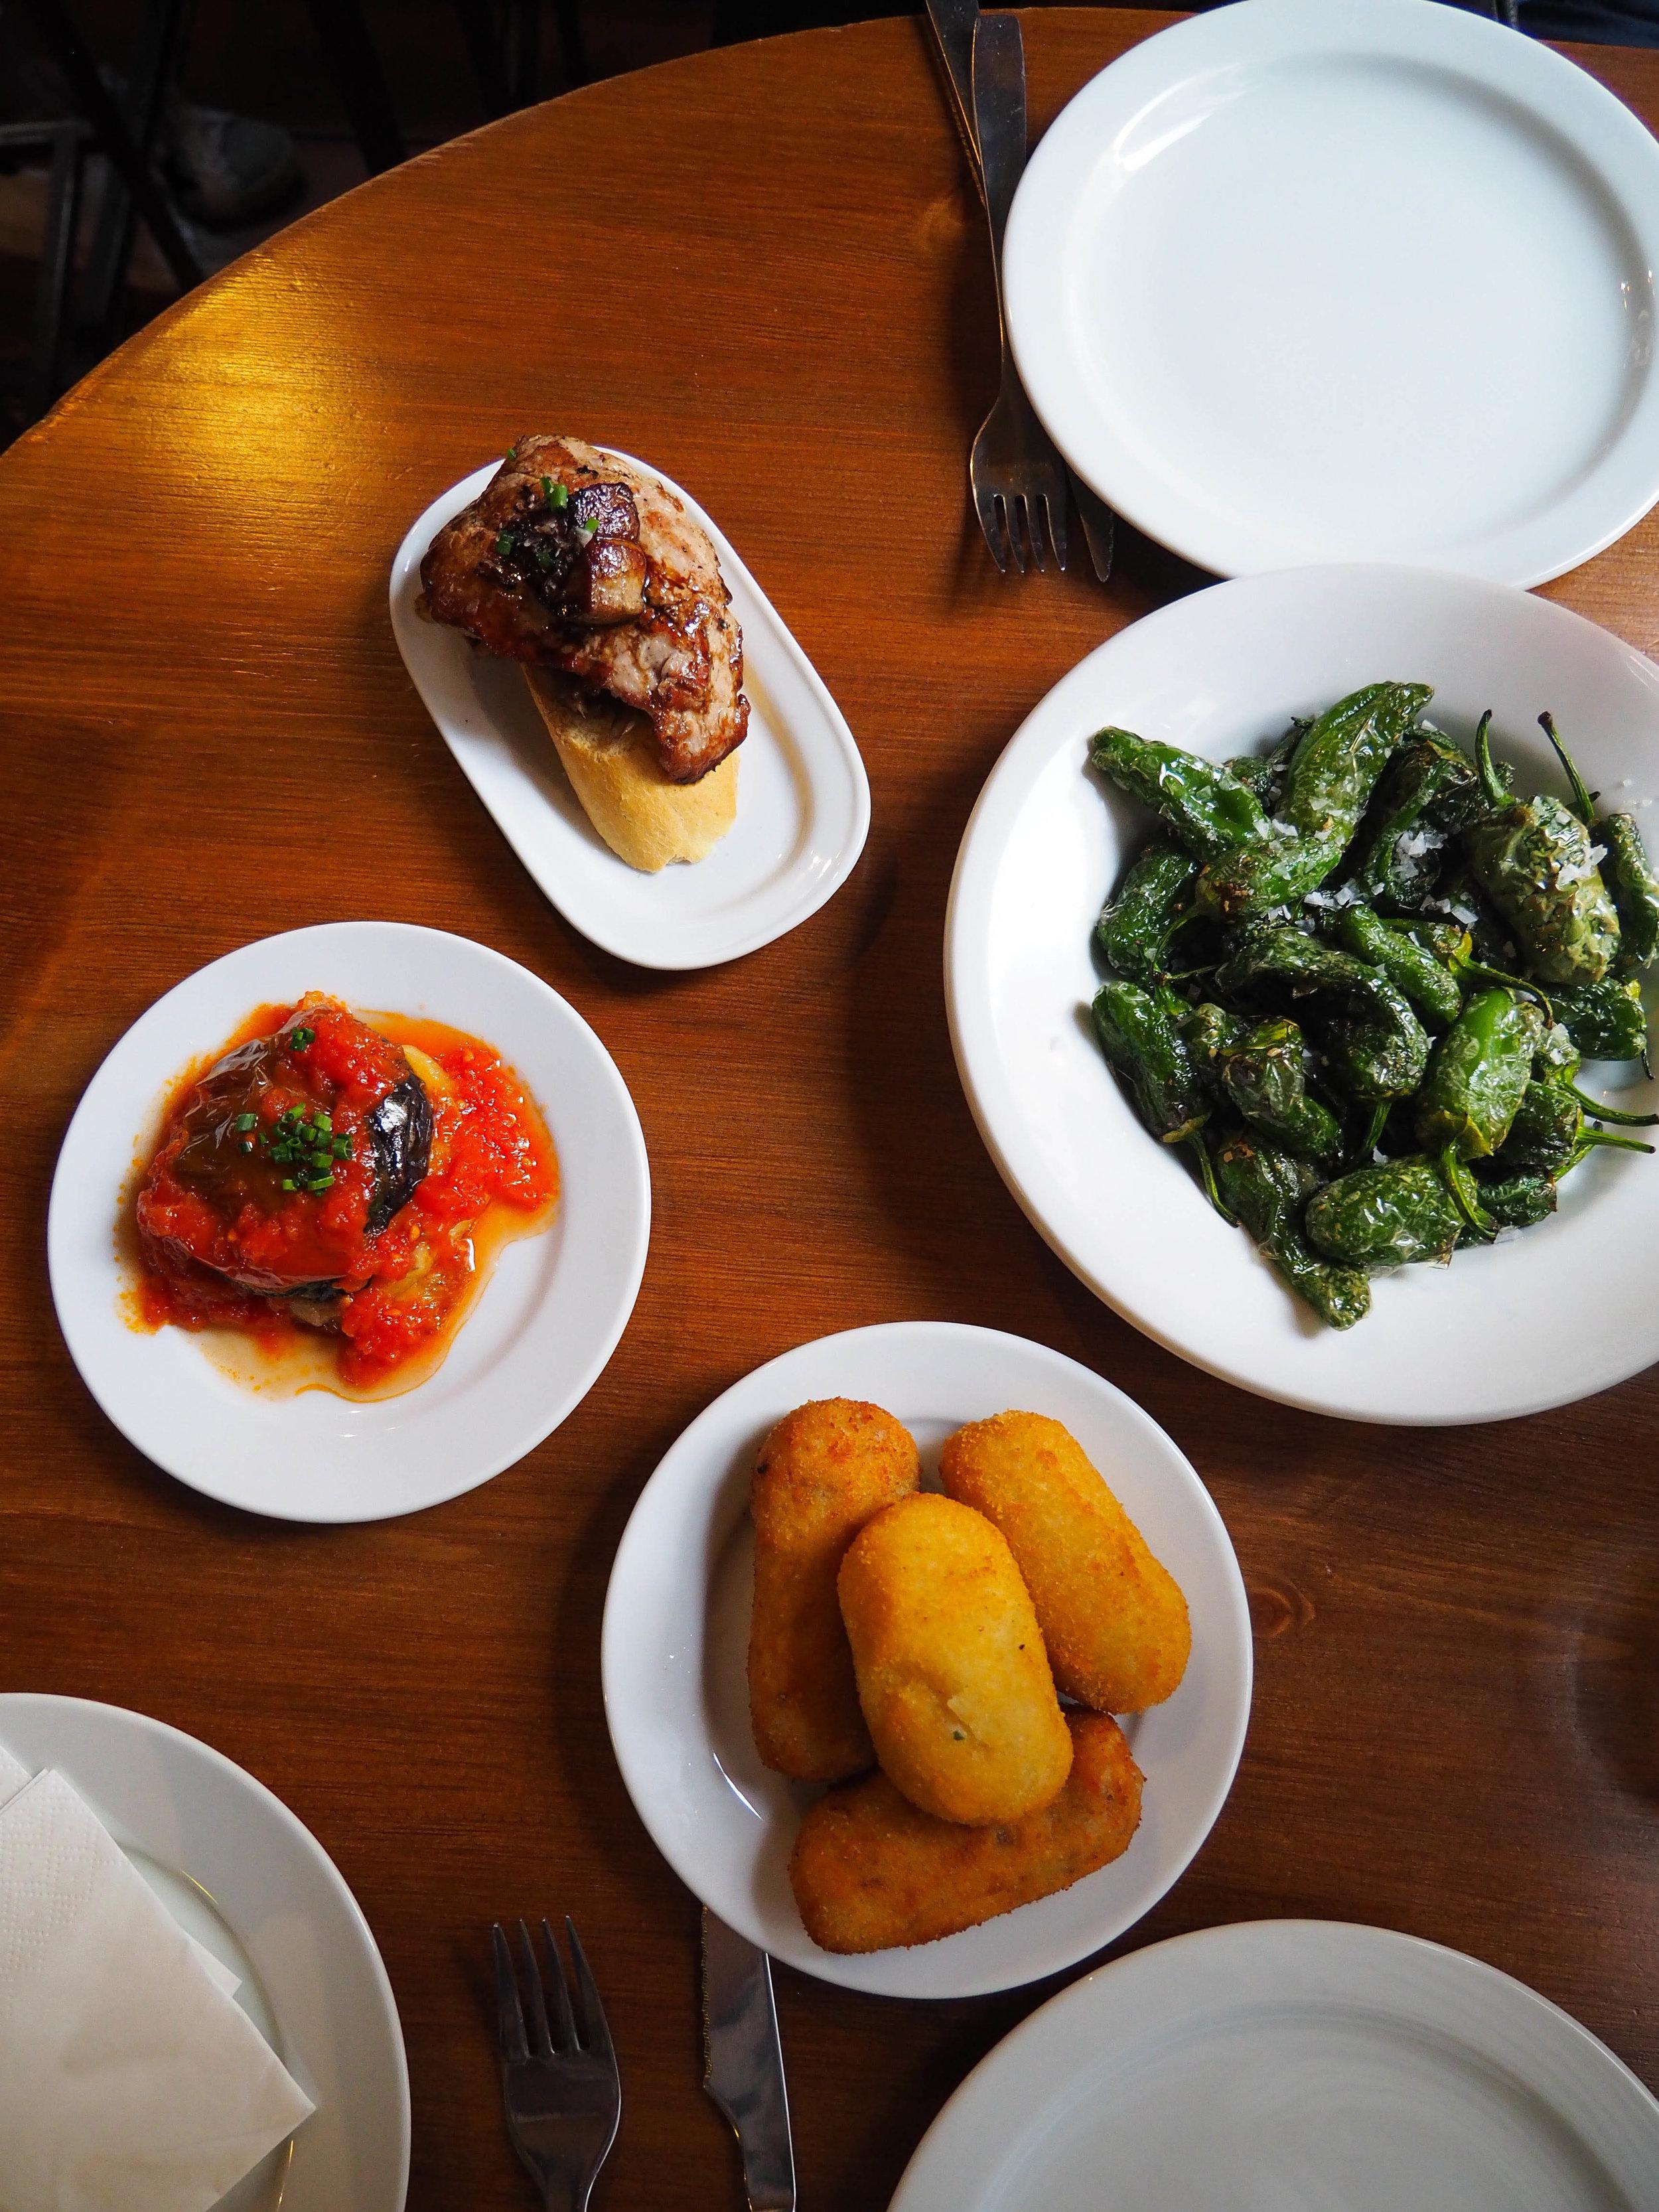 我们还在烤椒牛肉和火腿,烤牛肉,烤牛肉和洋葱面包的味道